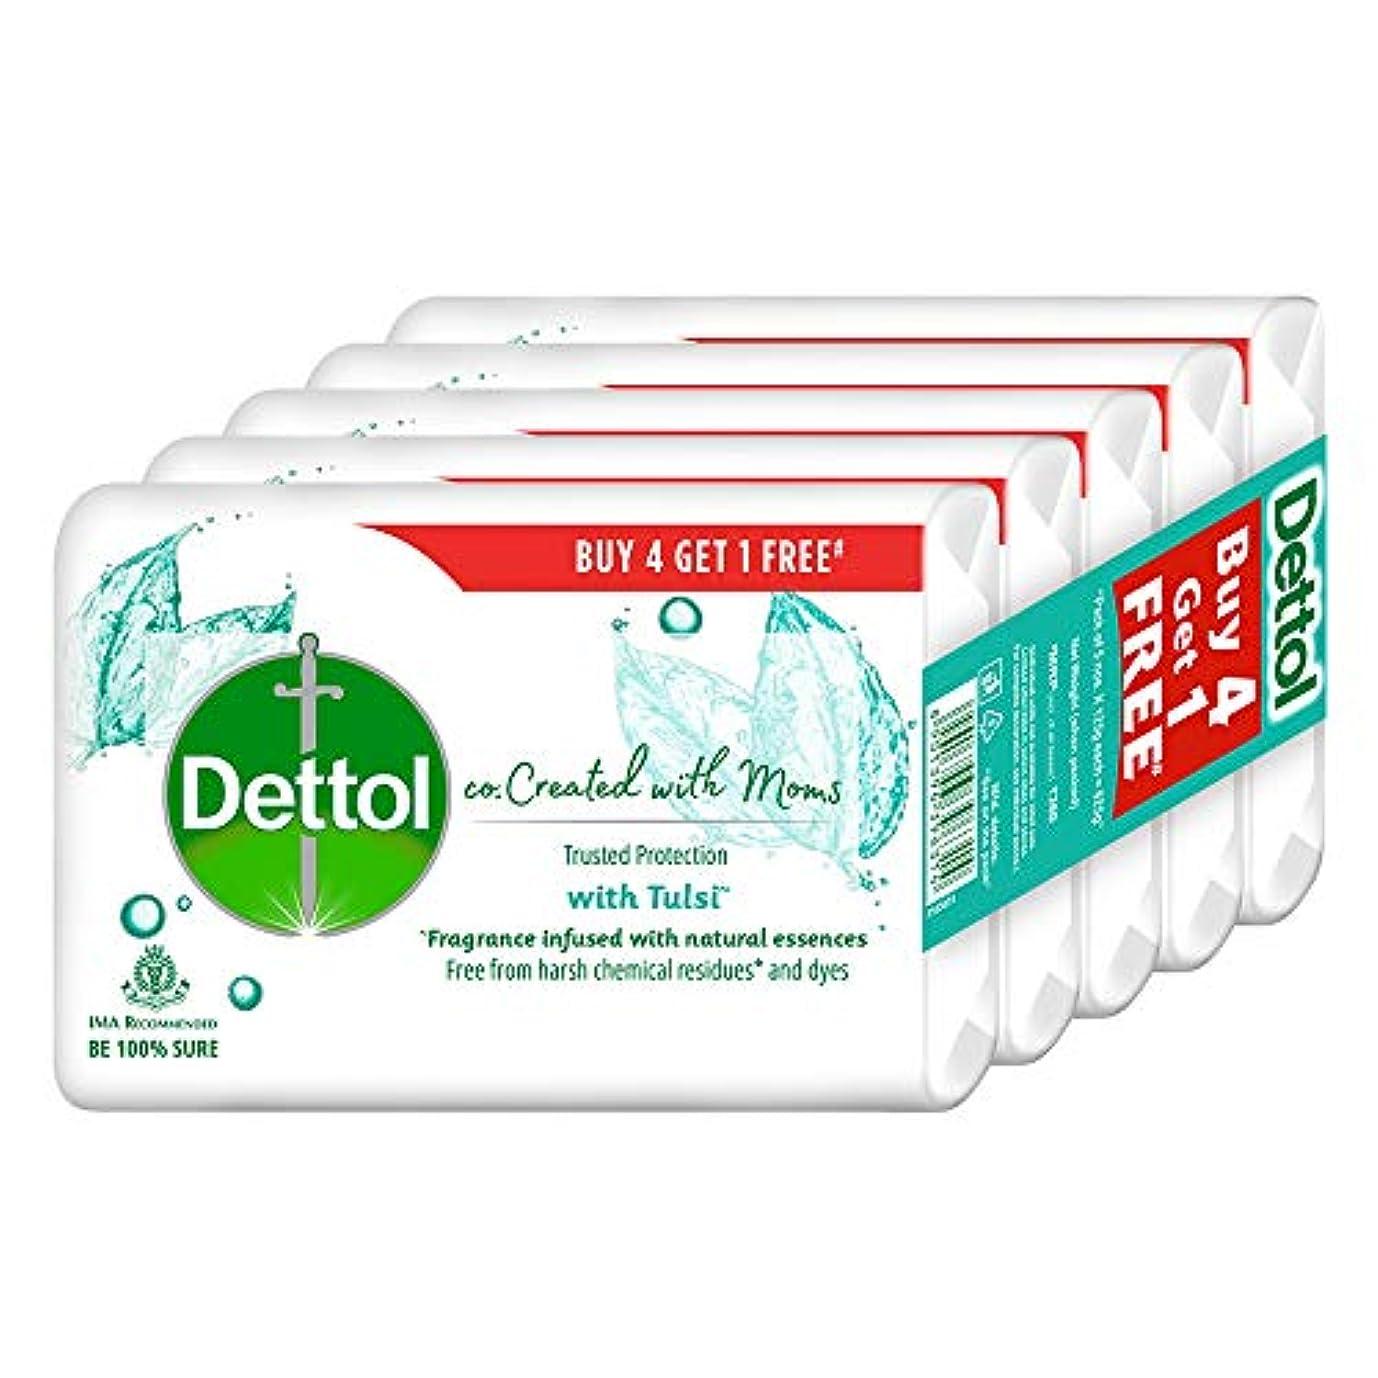 シーフード定期的な増強するDettol Co-created with moms Tulsi Bathing Soap, 125gm (Buy 4 Get 1 Free)